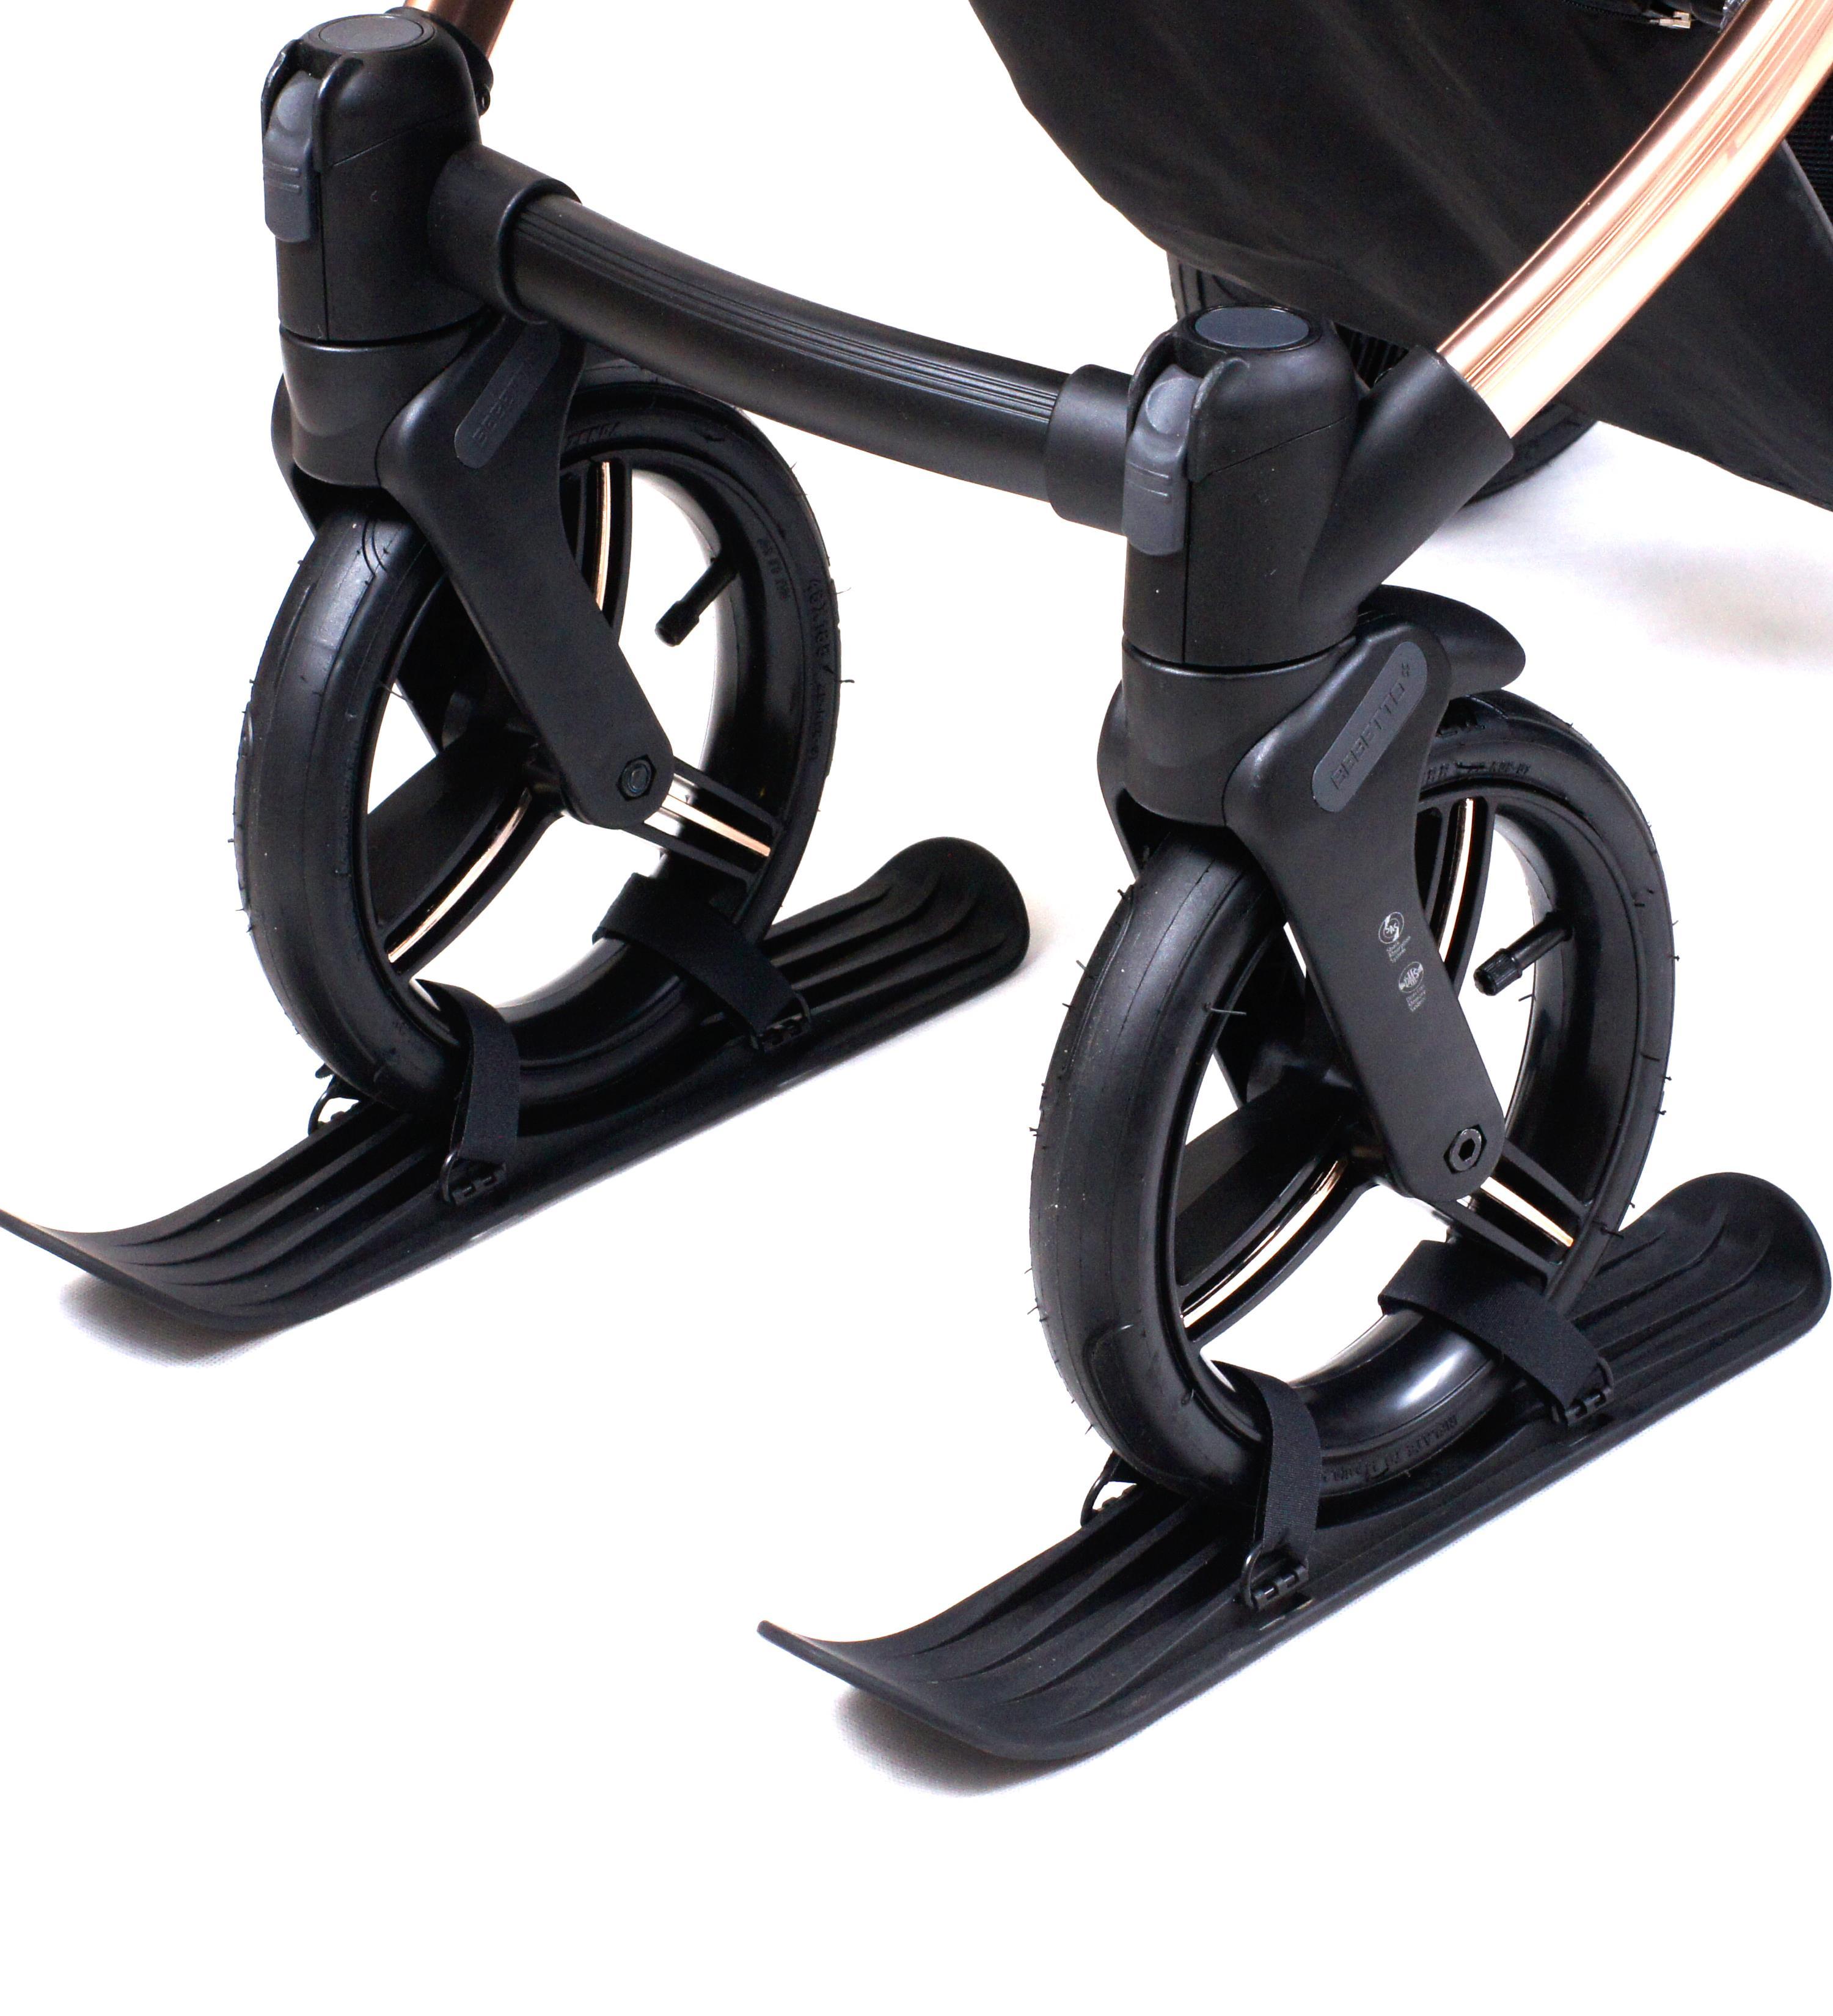 Narty do wózka dziecięcego